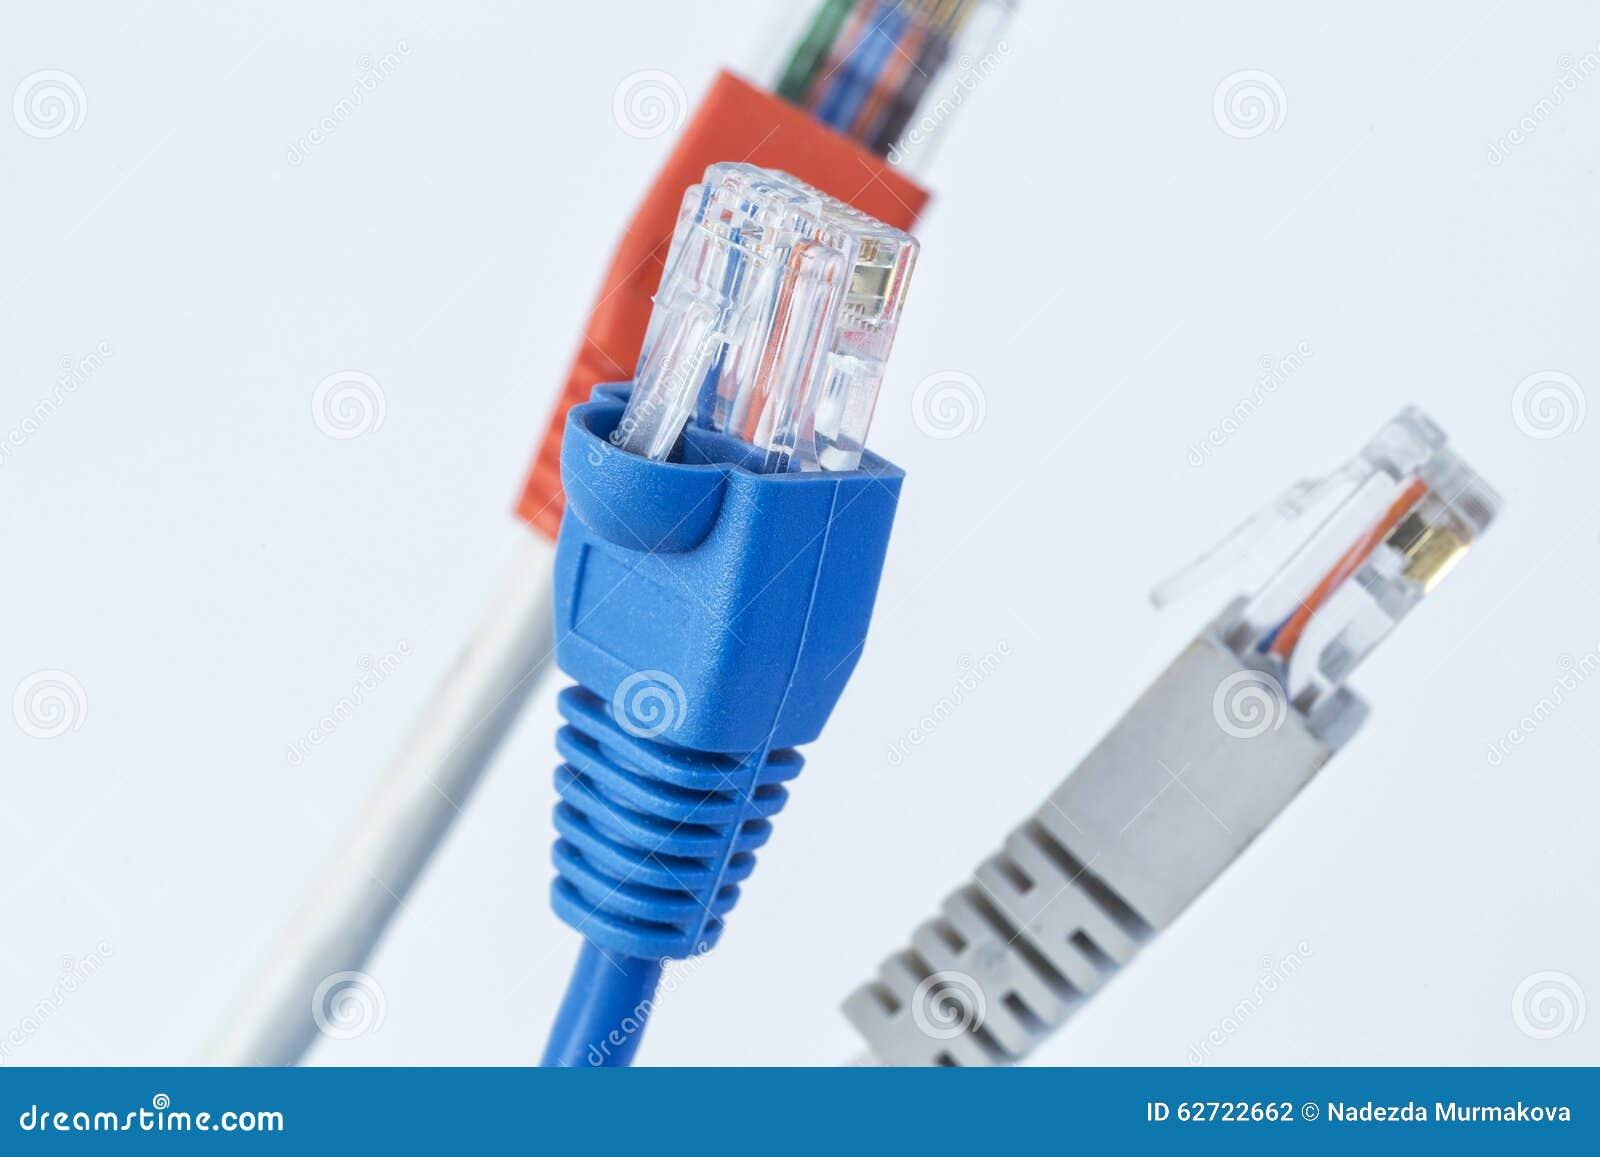 Ζωηρόχρωμο καλώδιο δικτύων με RJ45 τους συνδετήρες